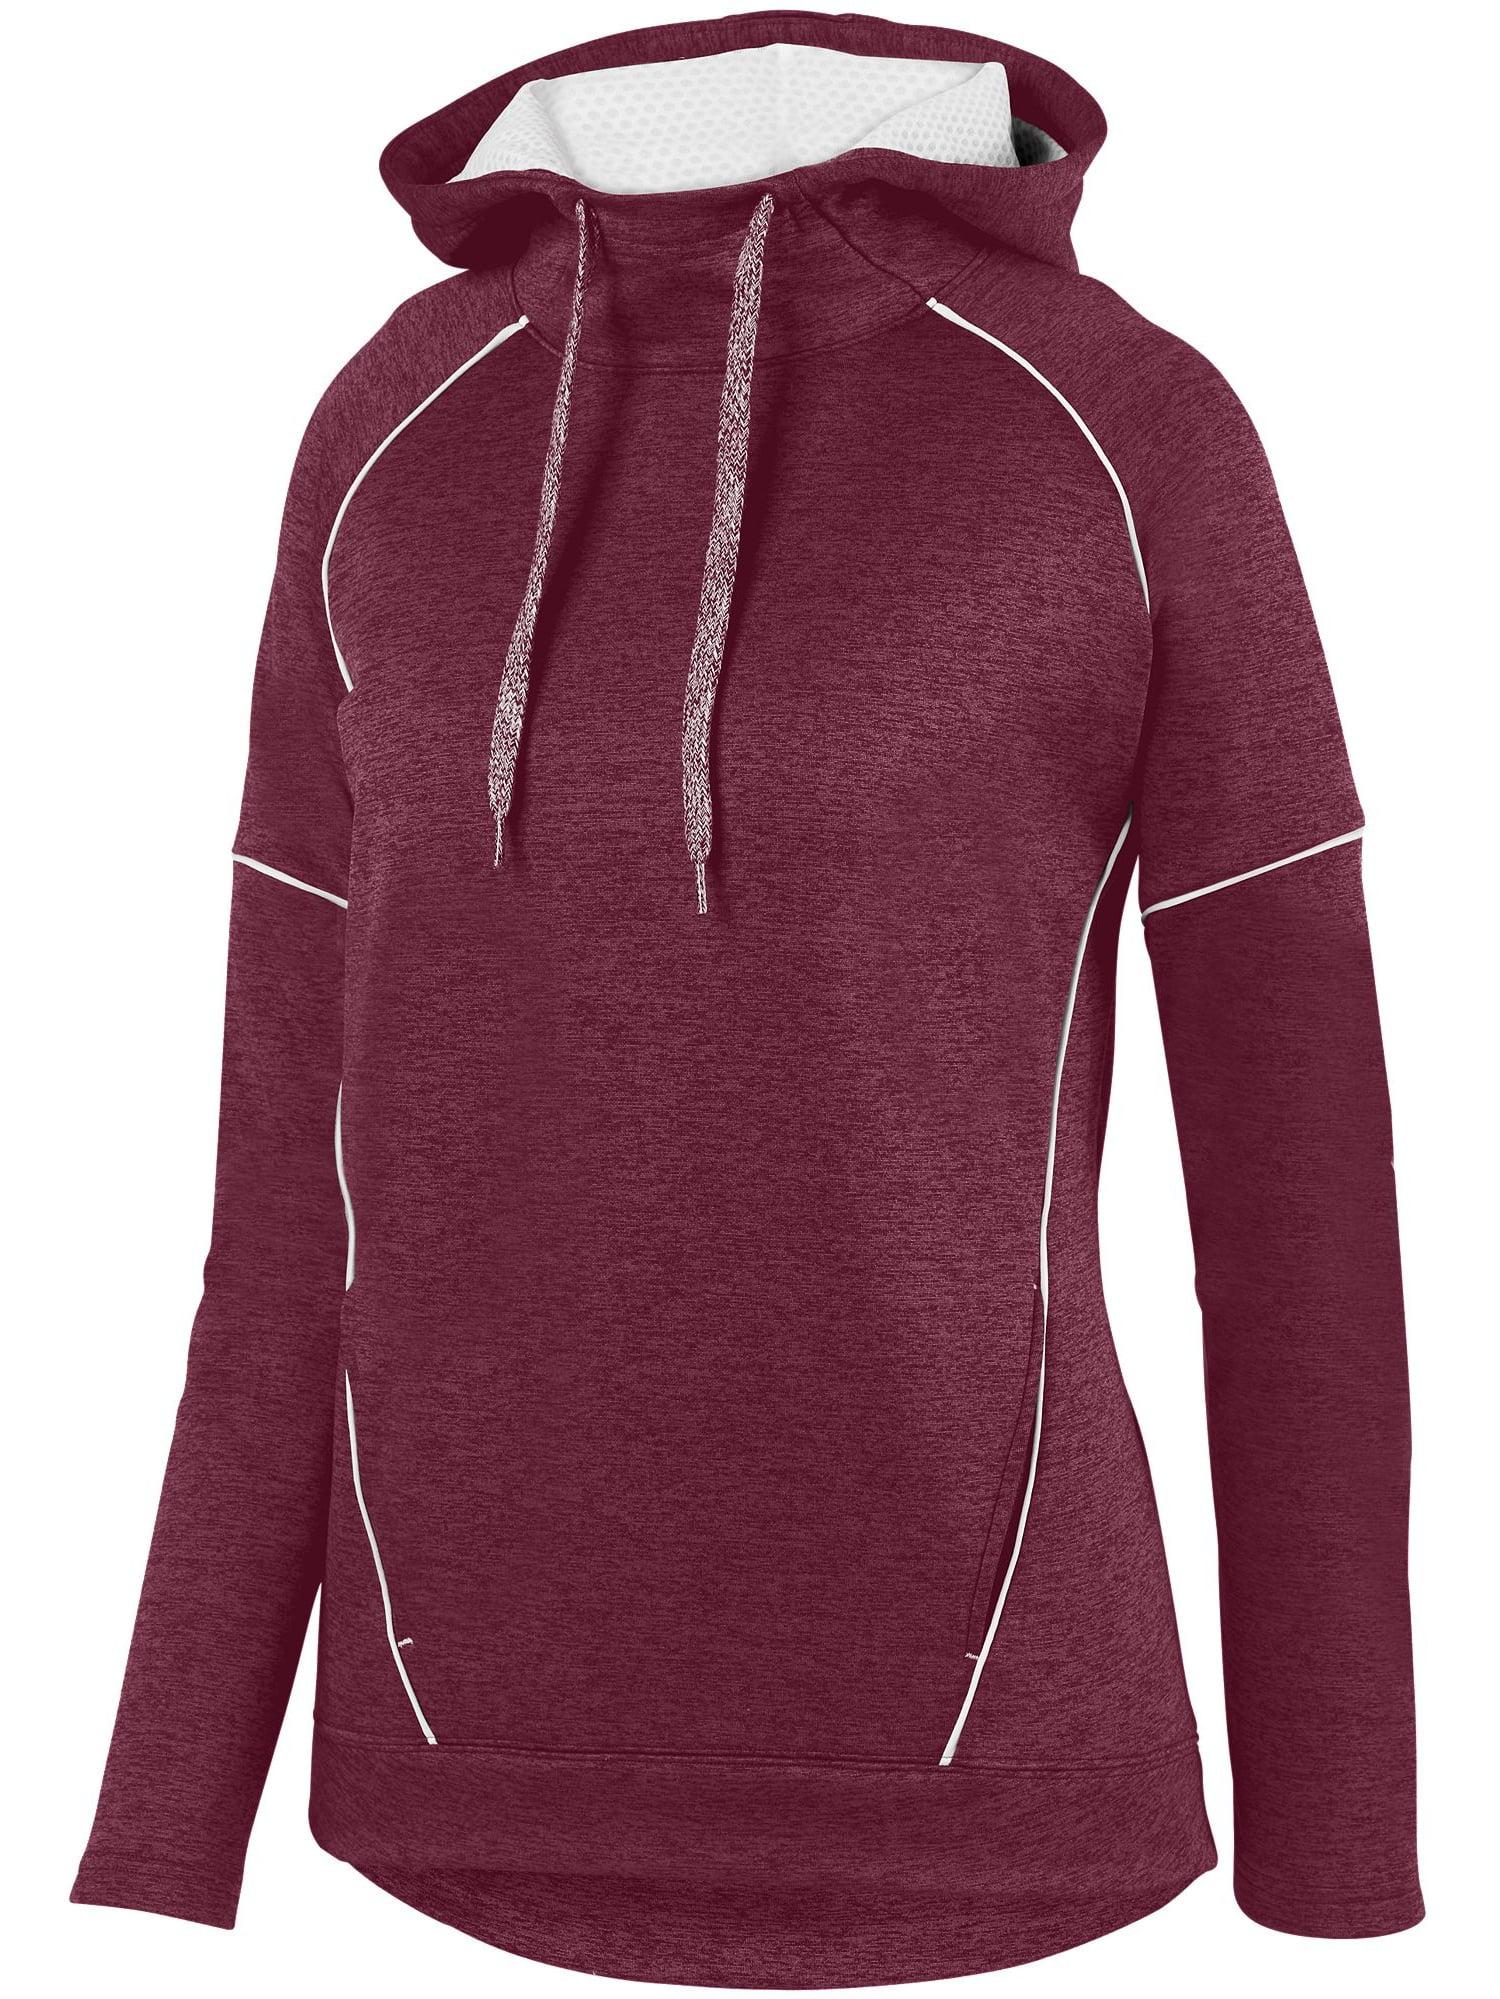 Augusta Sportswear Women's Zoe Tonal Heather Hoody 5556